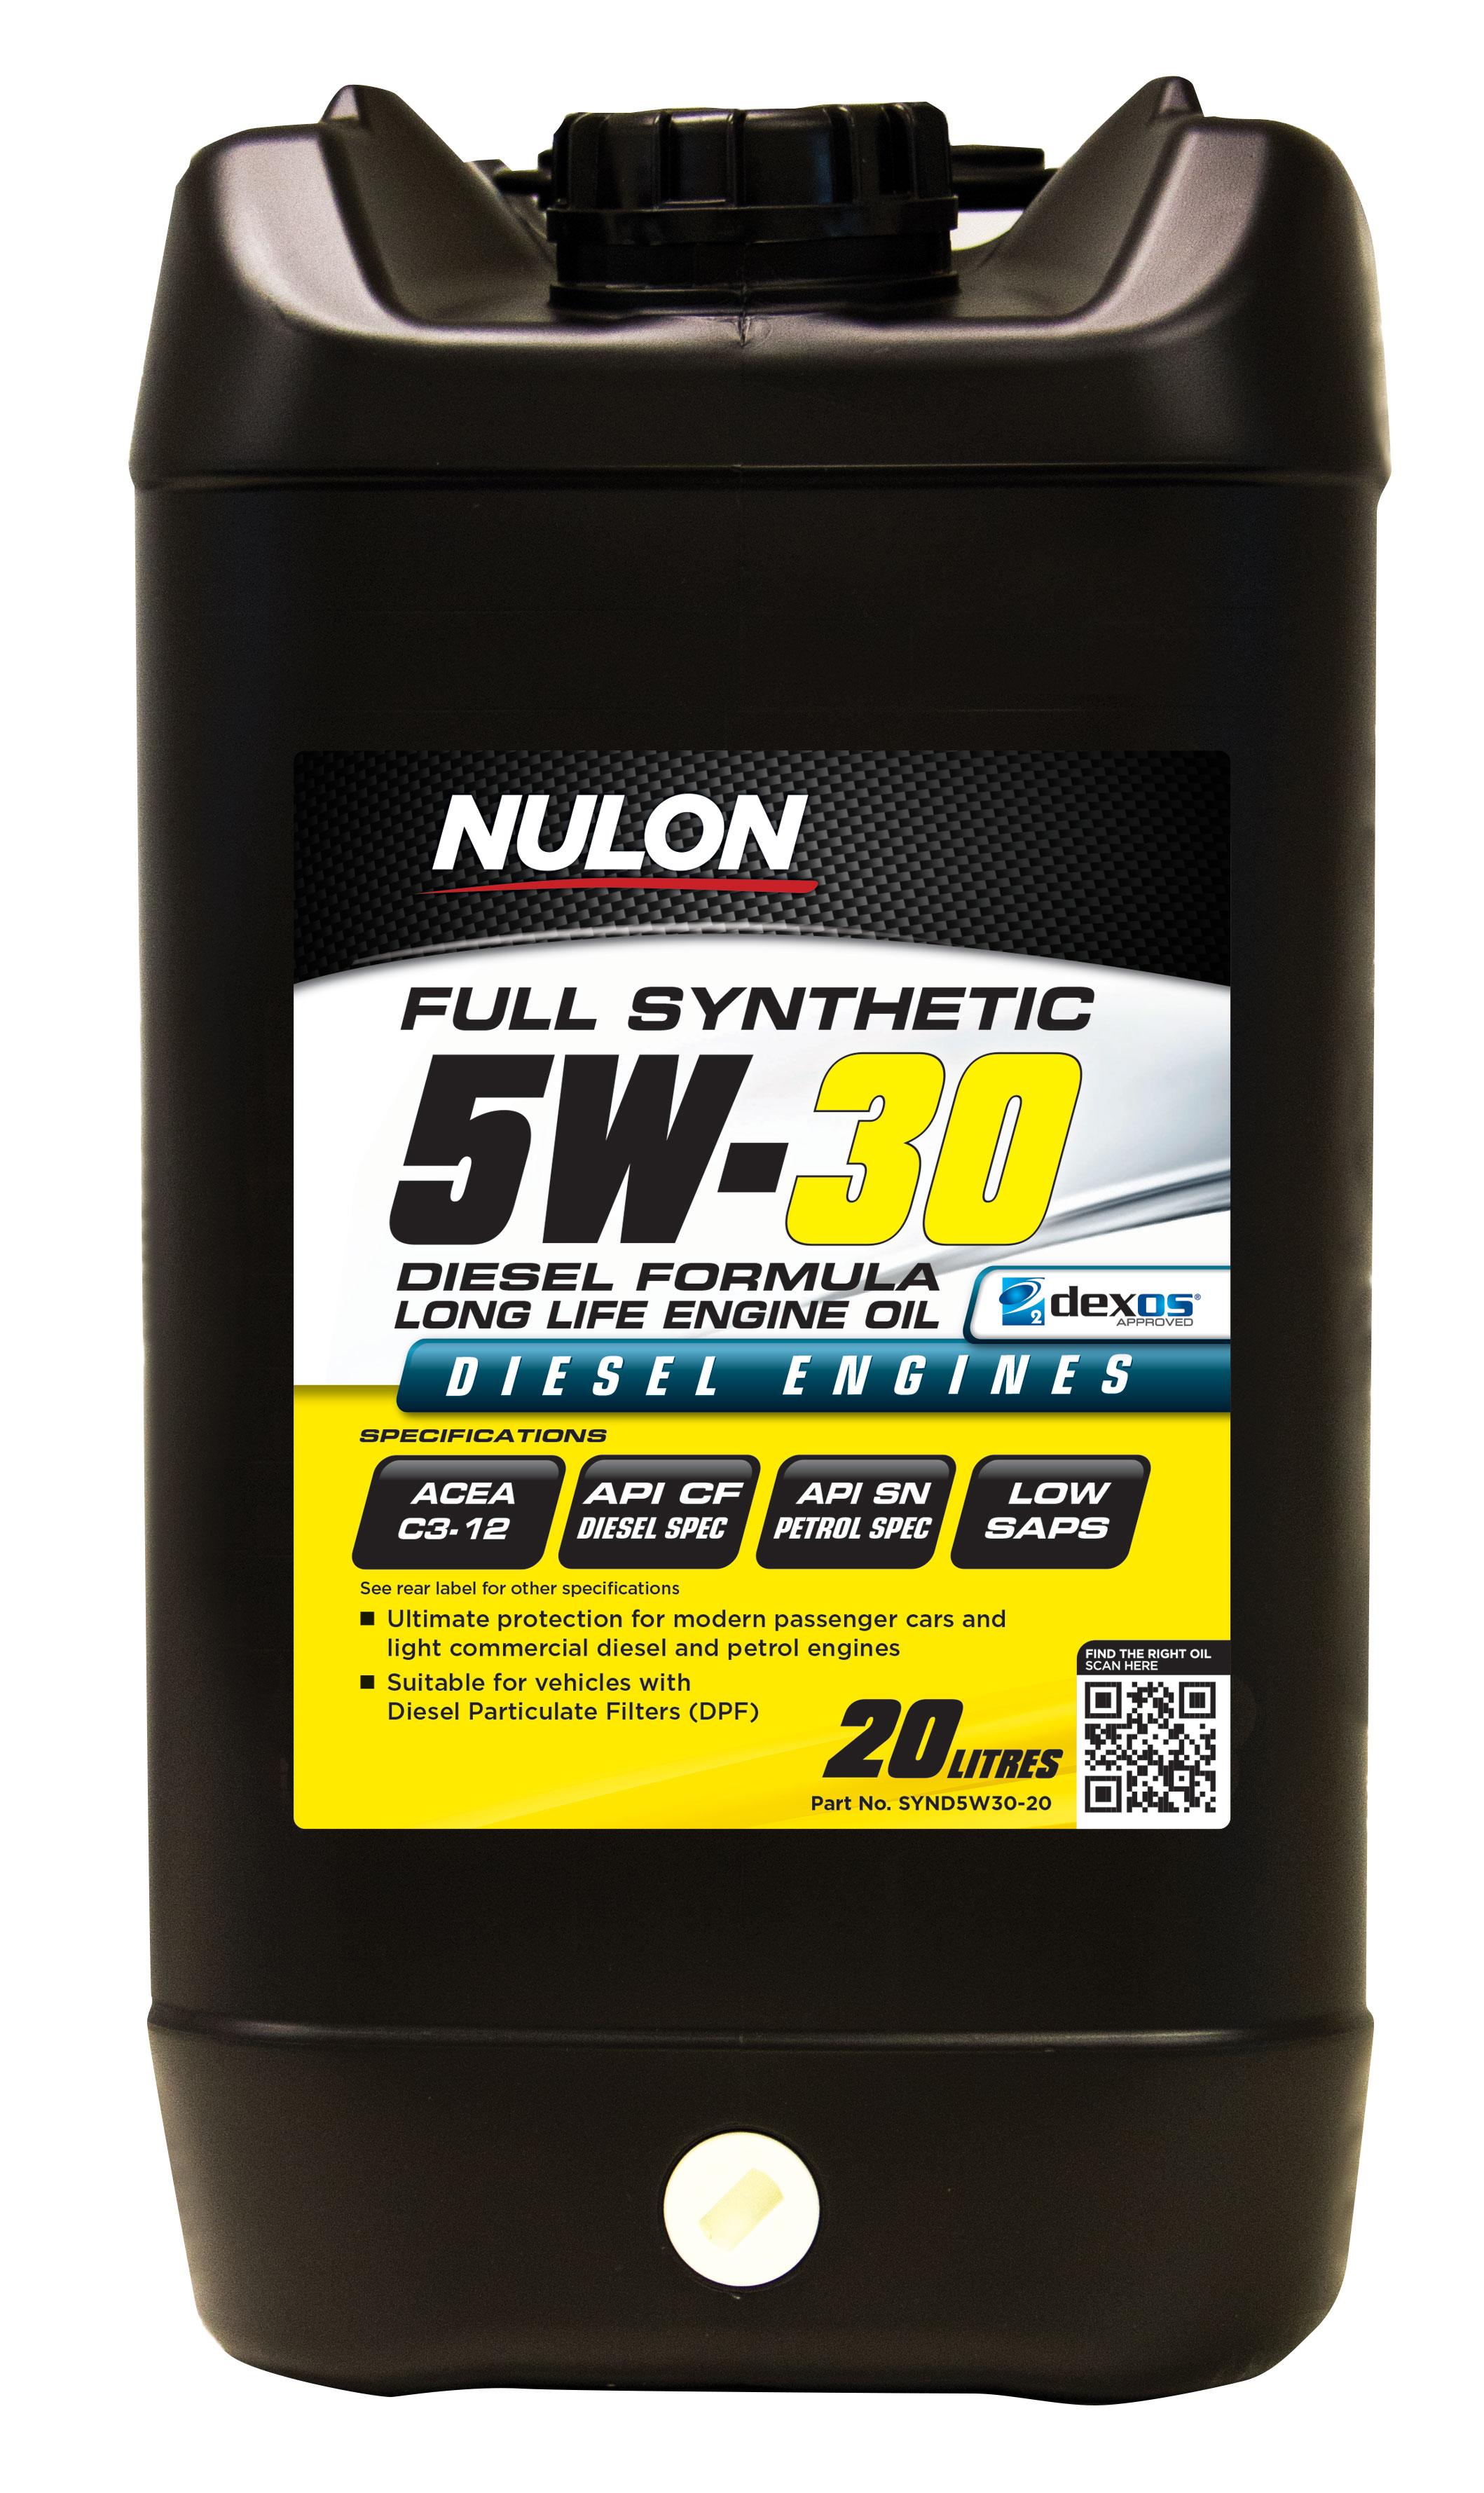 Nulon full synthetic 5w30 diesel formula long life engine for Synthetic motor oil for diesel engines